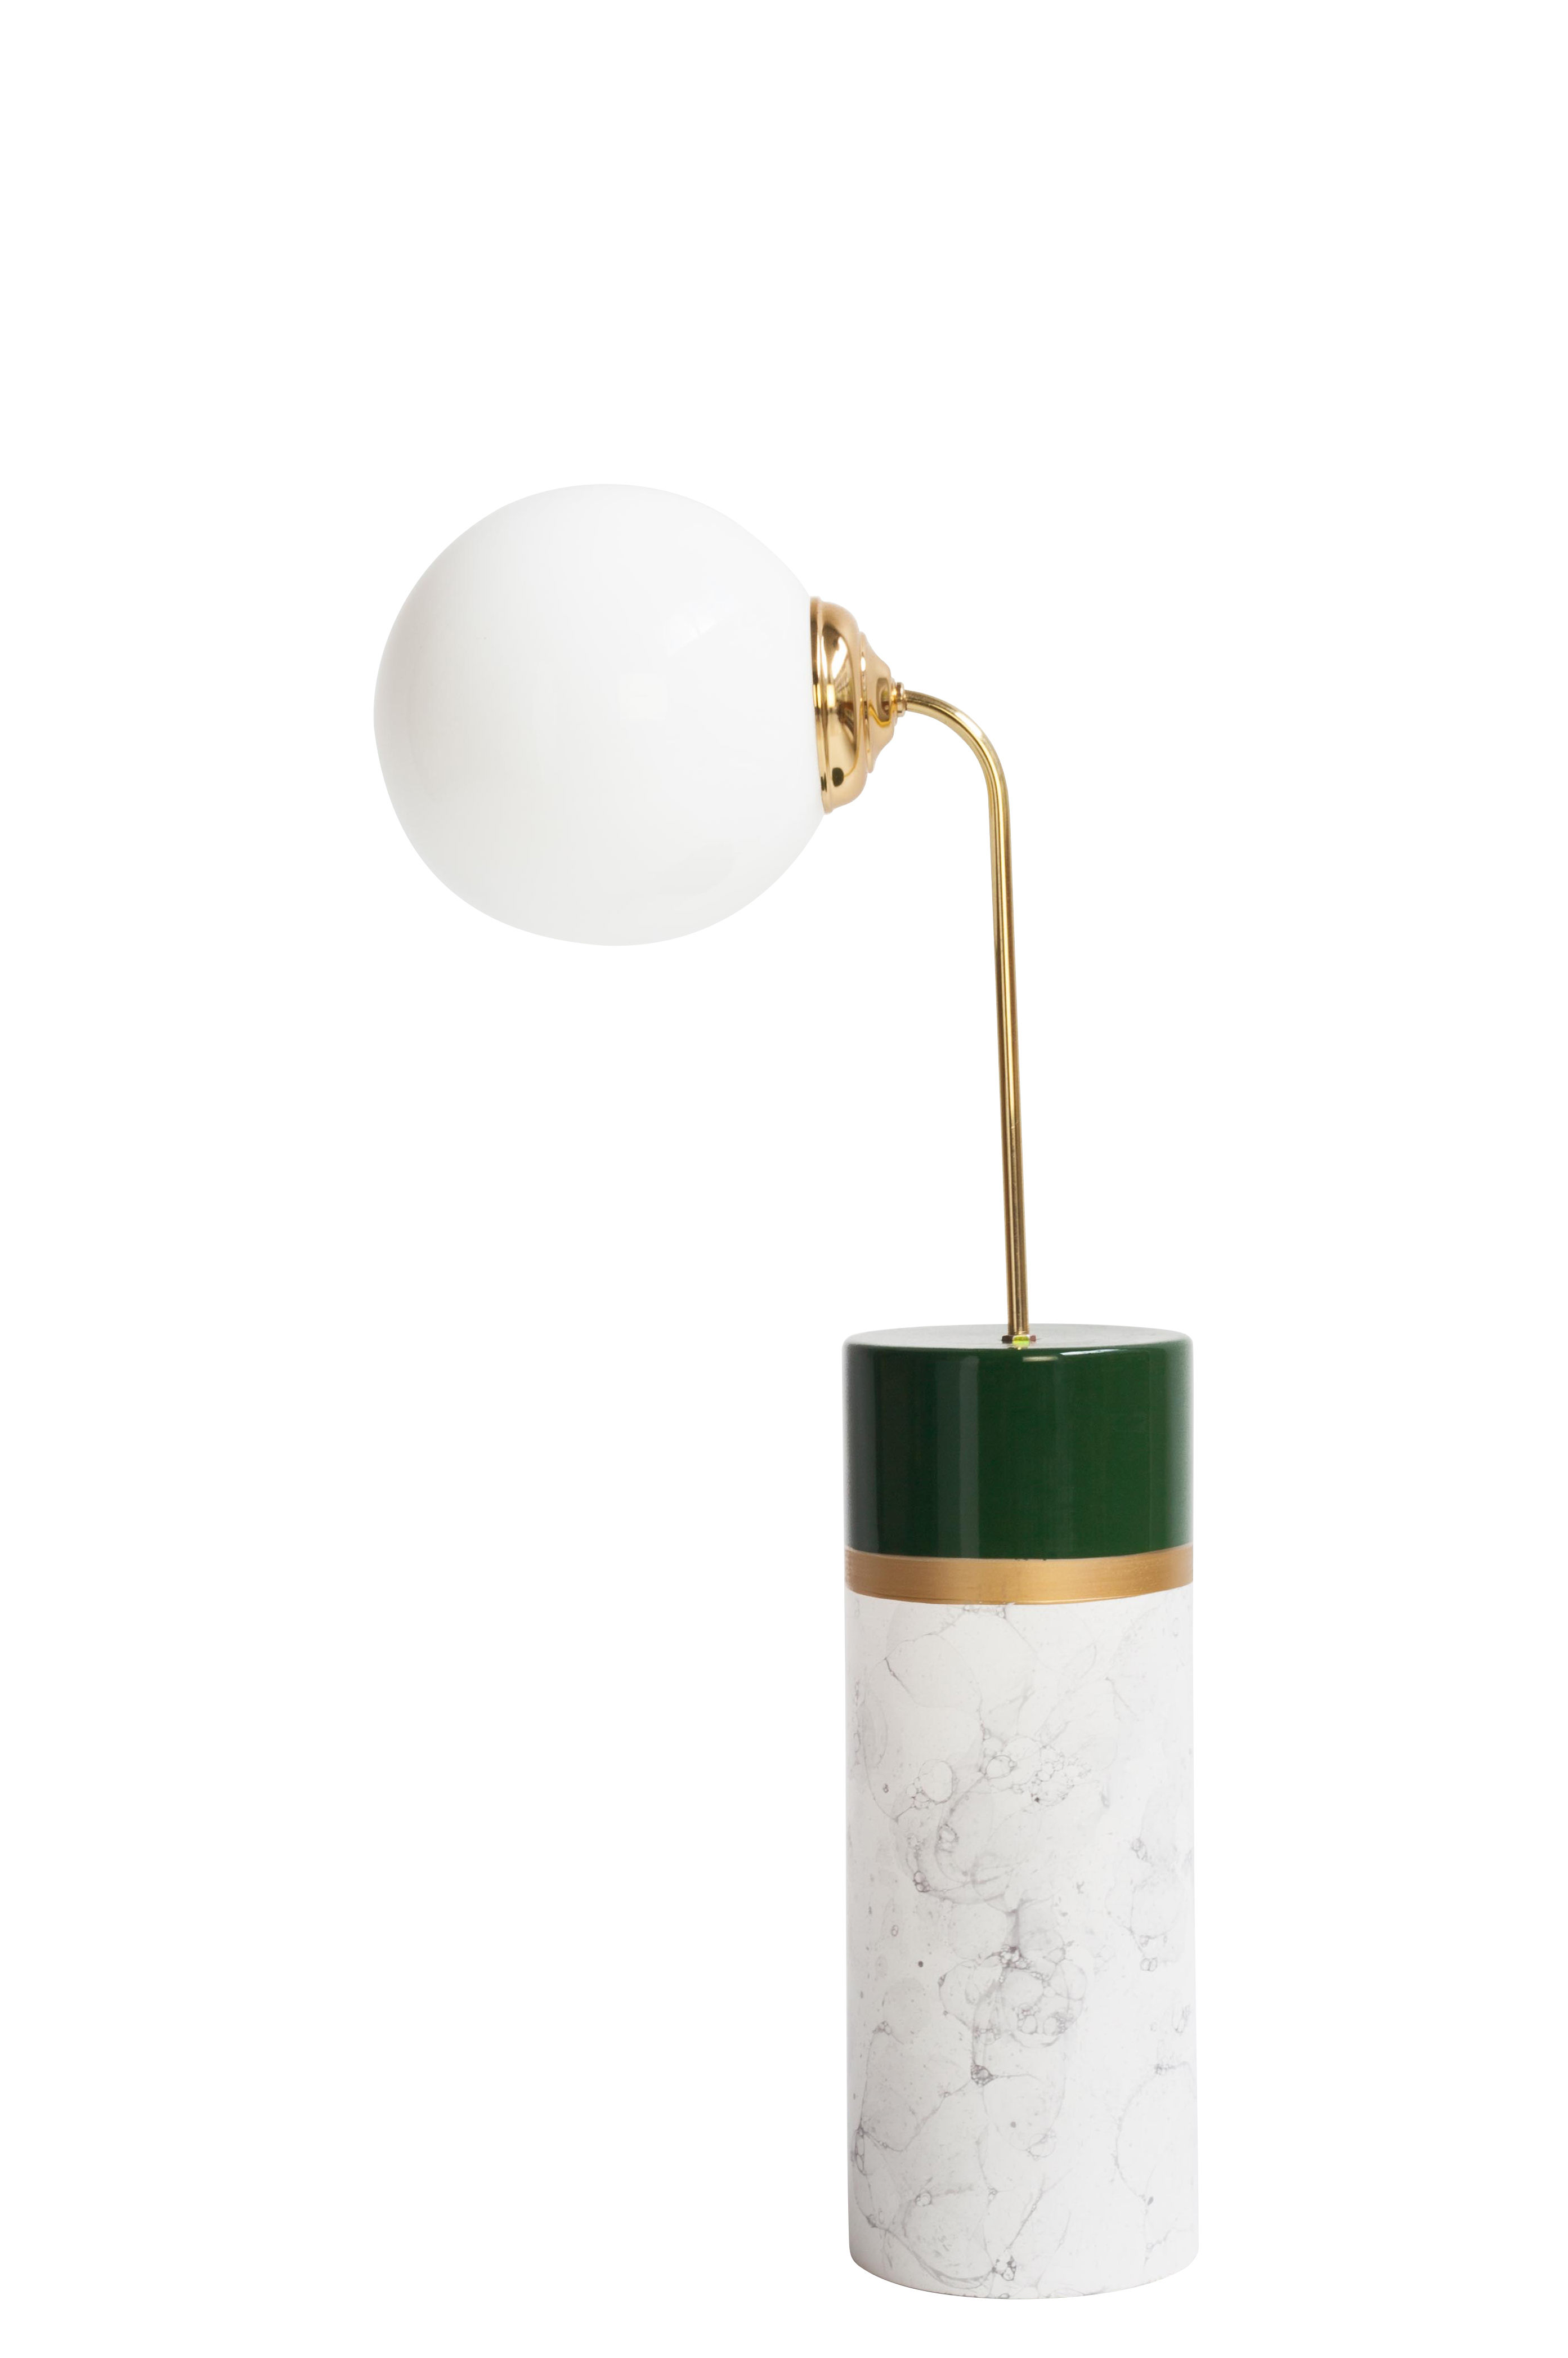 Luminaire - Lampes de table - Lampe de table Avalon Round / Céramique - H 70 cm - Houtique - Vert, Or & Blanc - Acier, Céramique émaillée, Verre